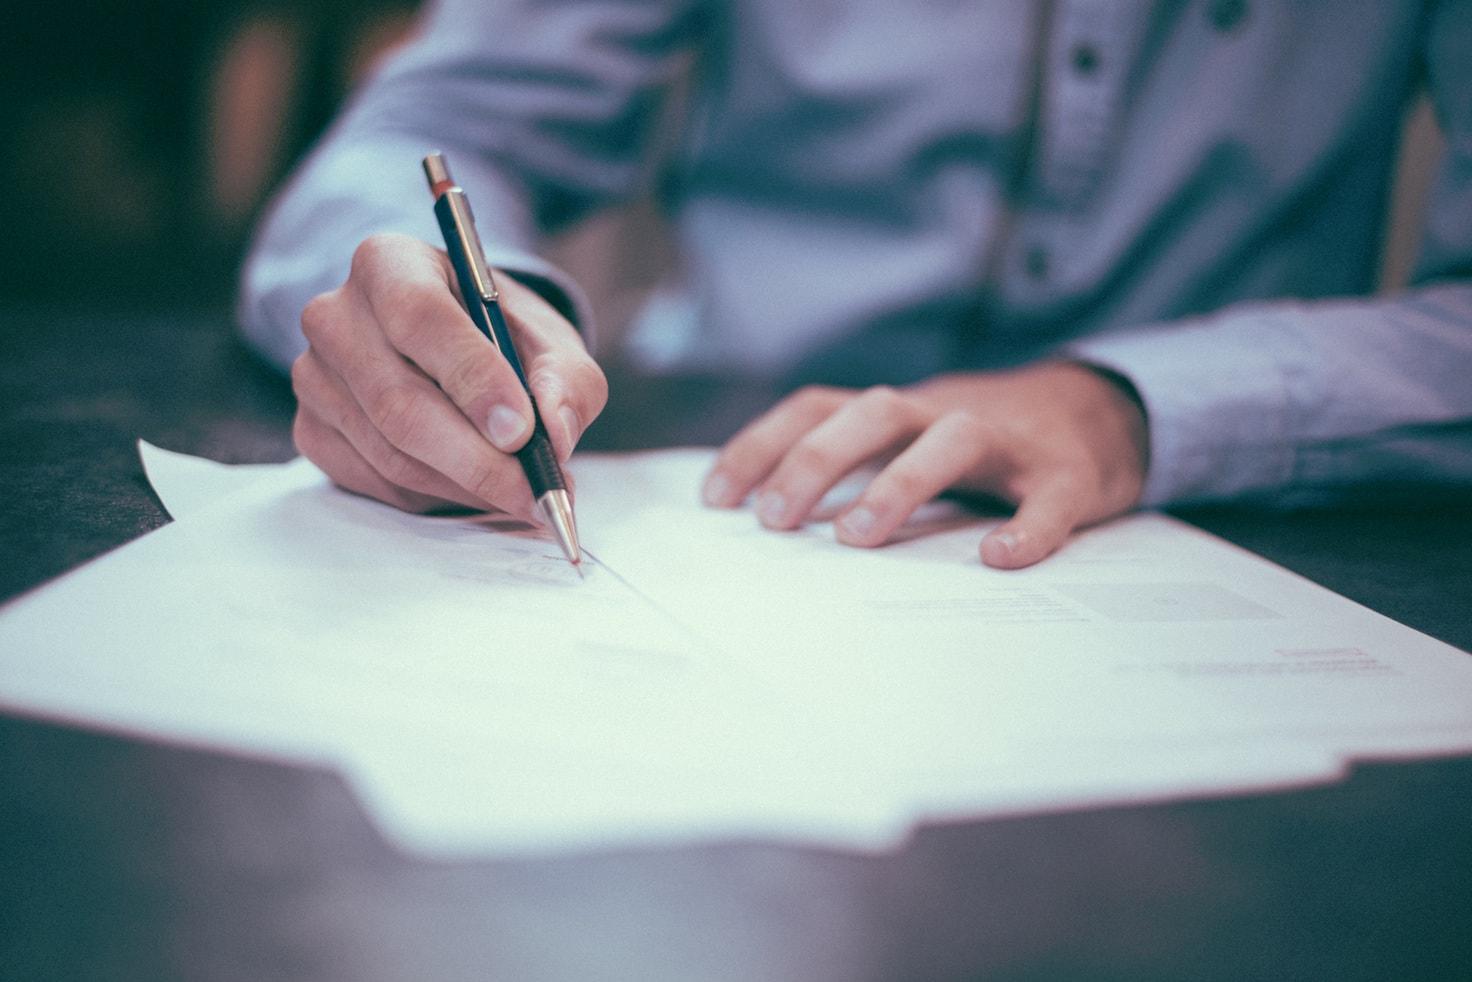 PME et professions libérales : votre site internet est-il à la hauteur de votre expertise ? 4 questions essentielles à se poser